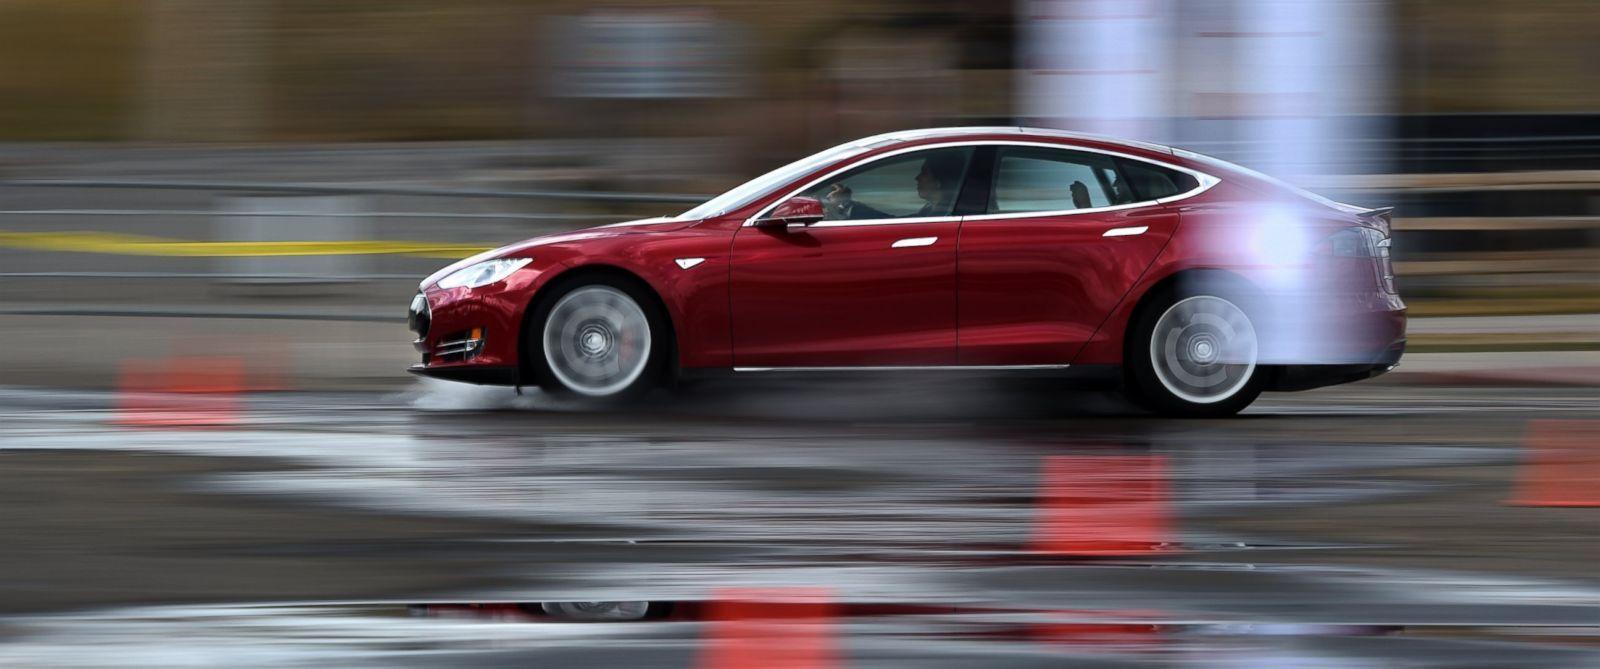 Tesla, Комиссия по ценным бумагам и биржам, расследование